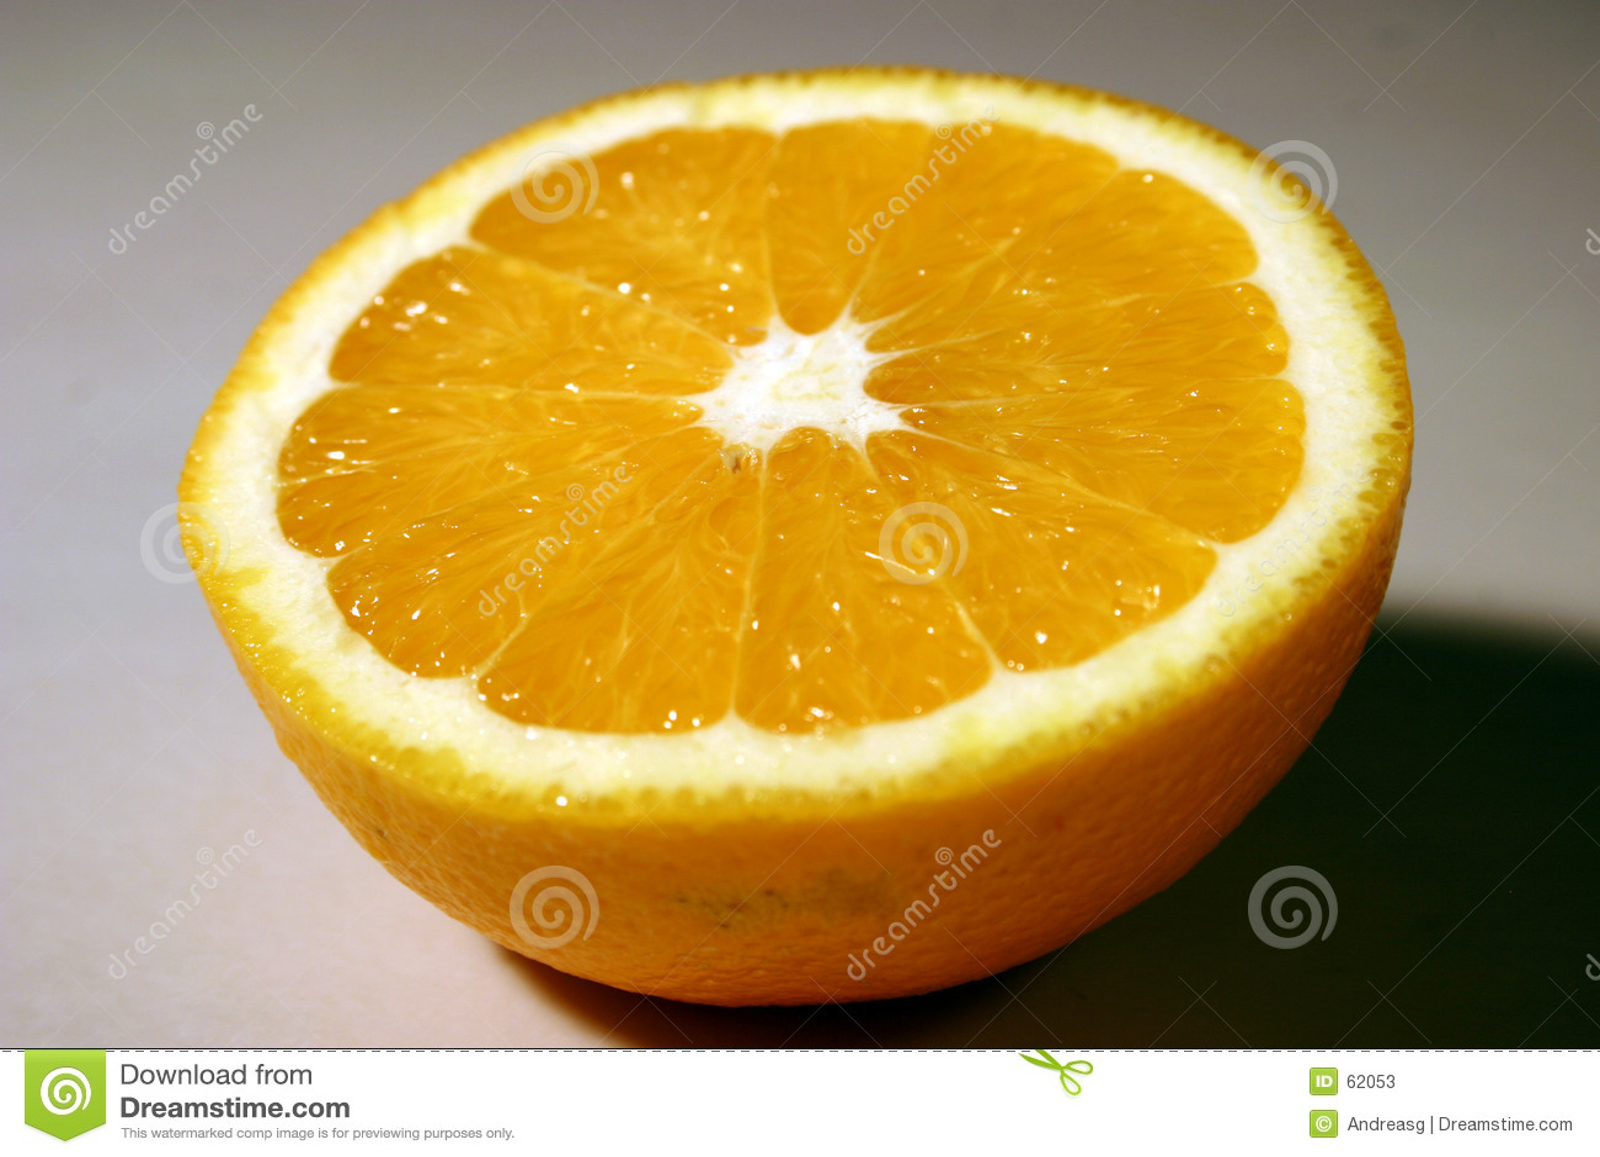 Halve sinaasappel